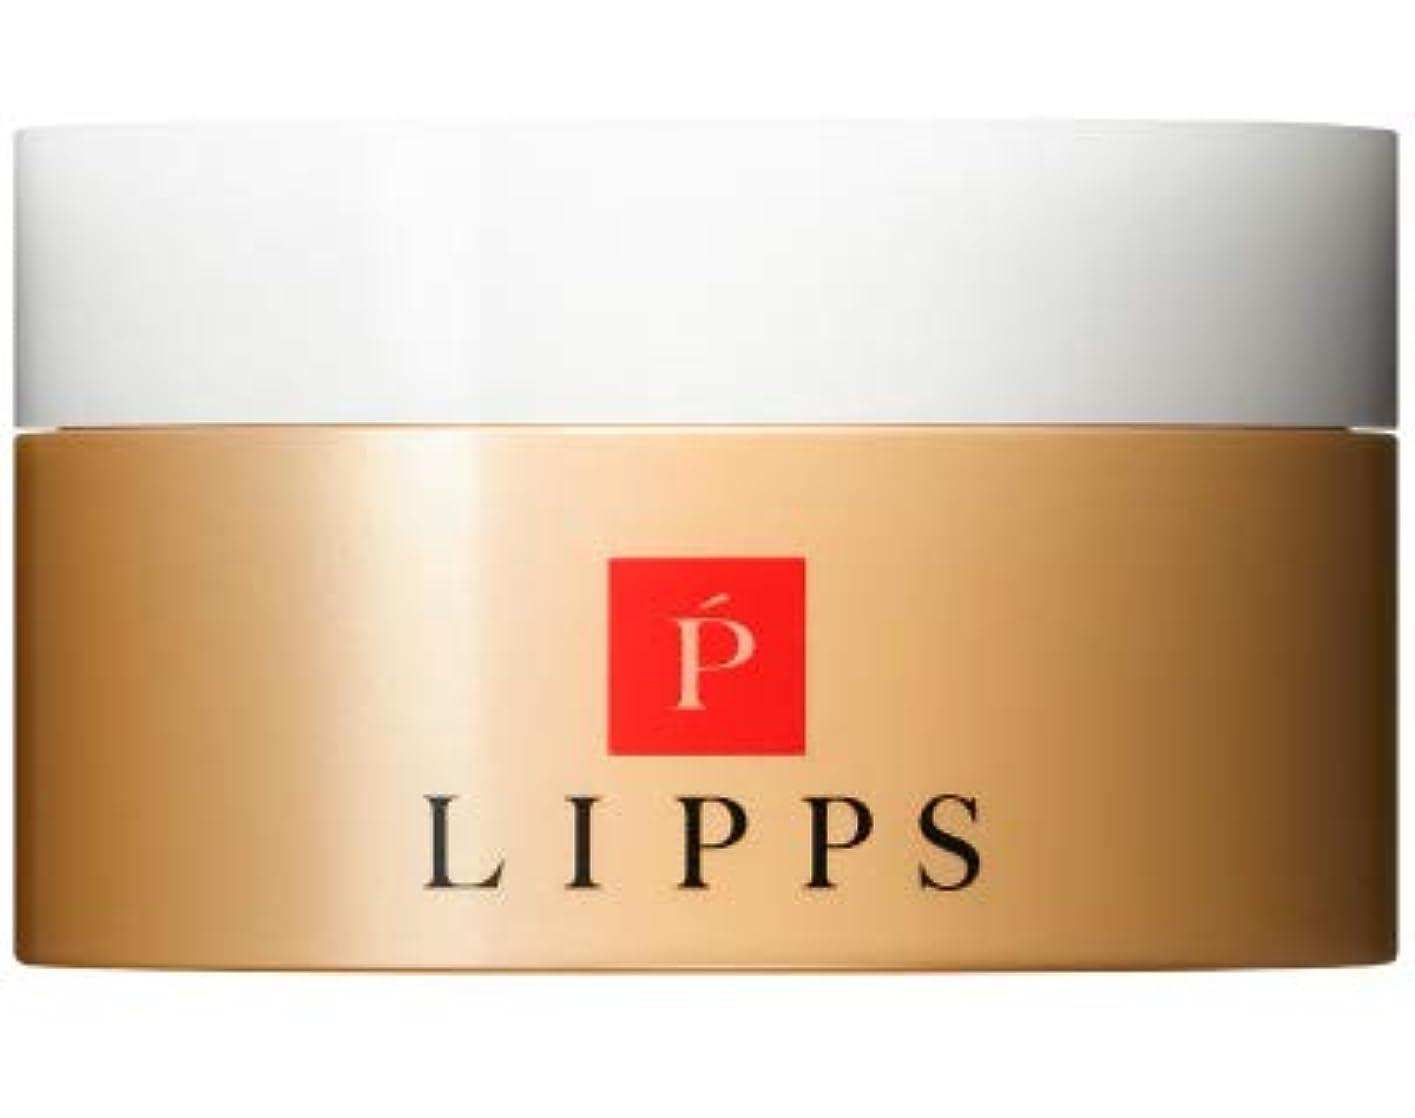 計器レプリカ発表【ふわっと動く×自由自在な束感】LIPPS L12フリーキープワックス (85g)